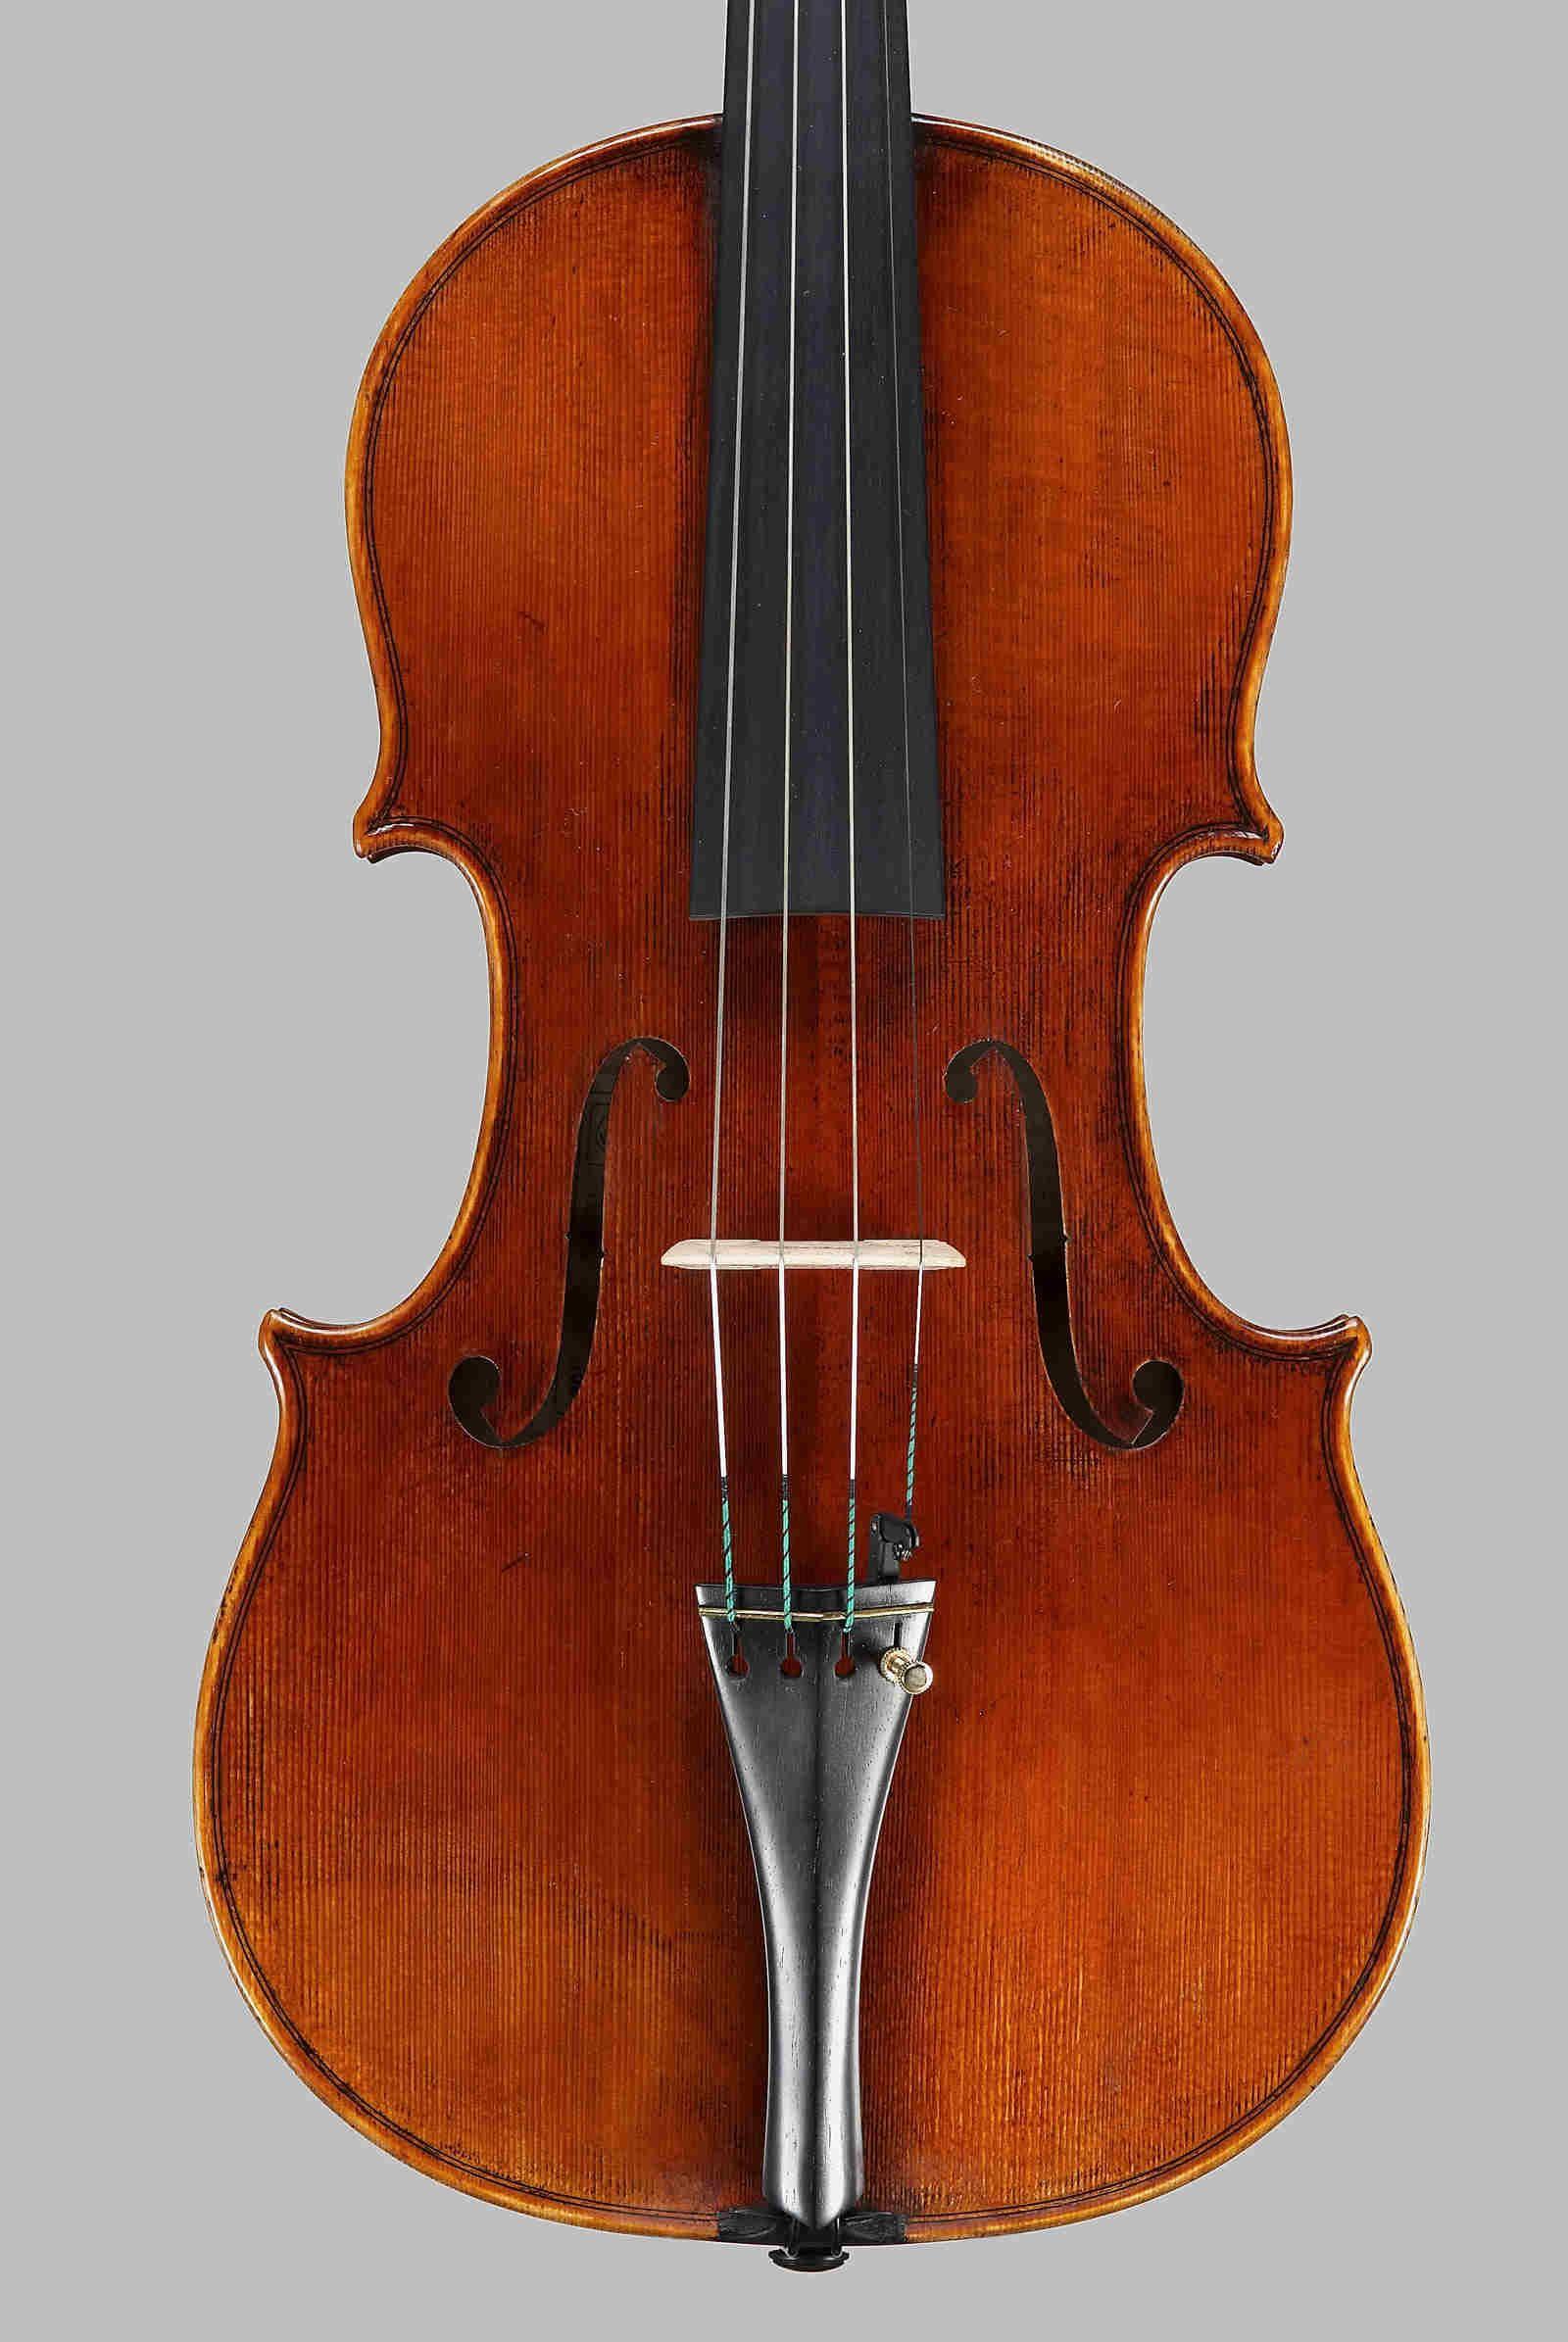 Daniele Scolari - viola modello Stradivari